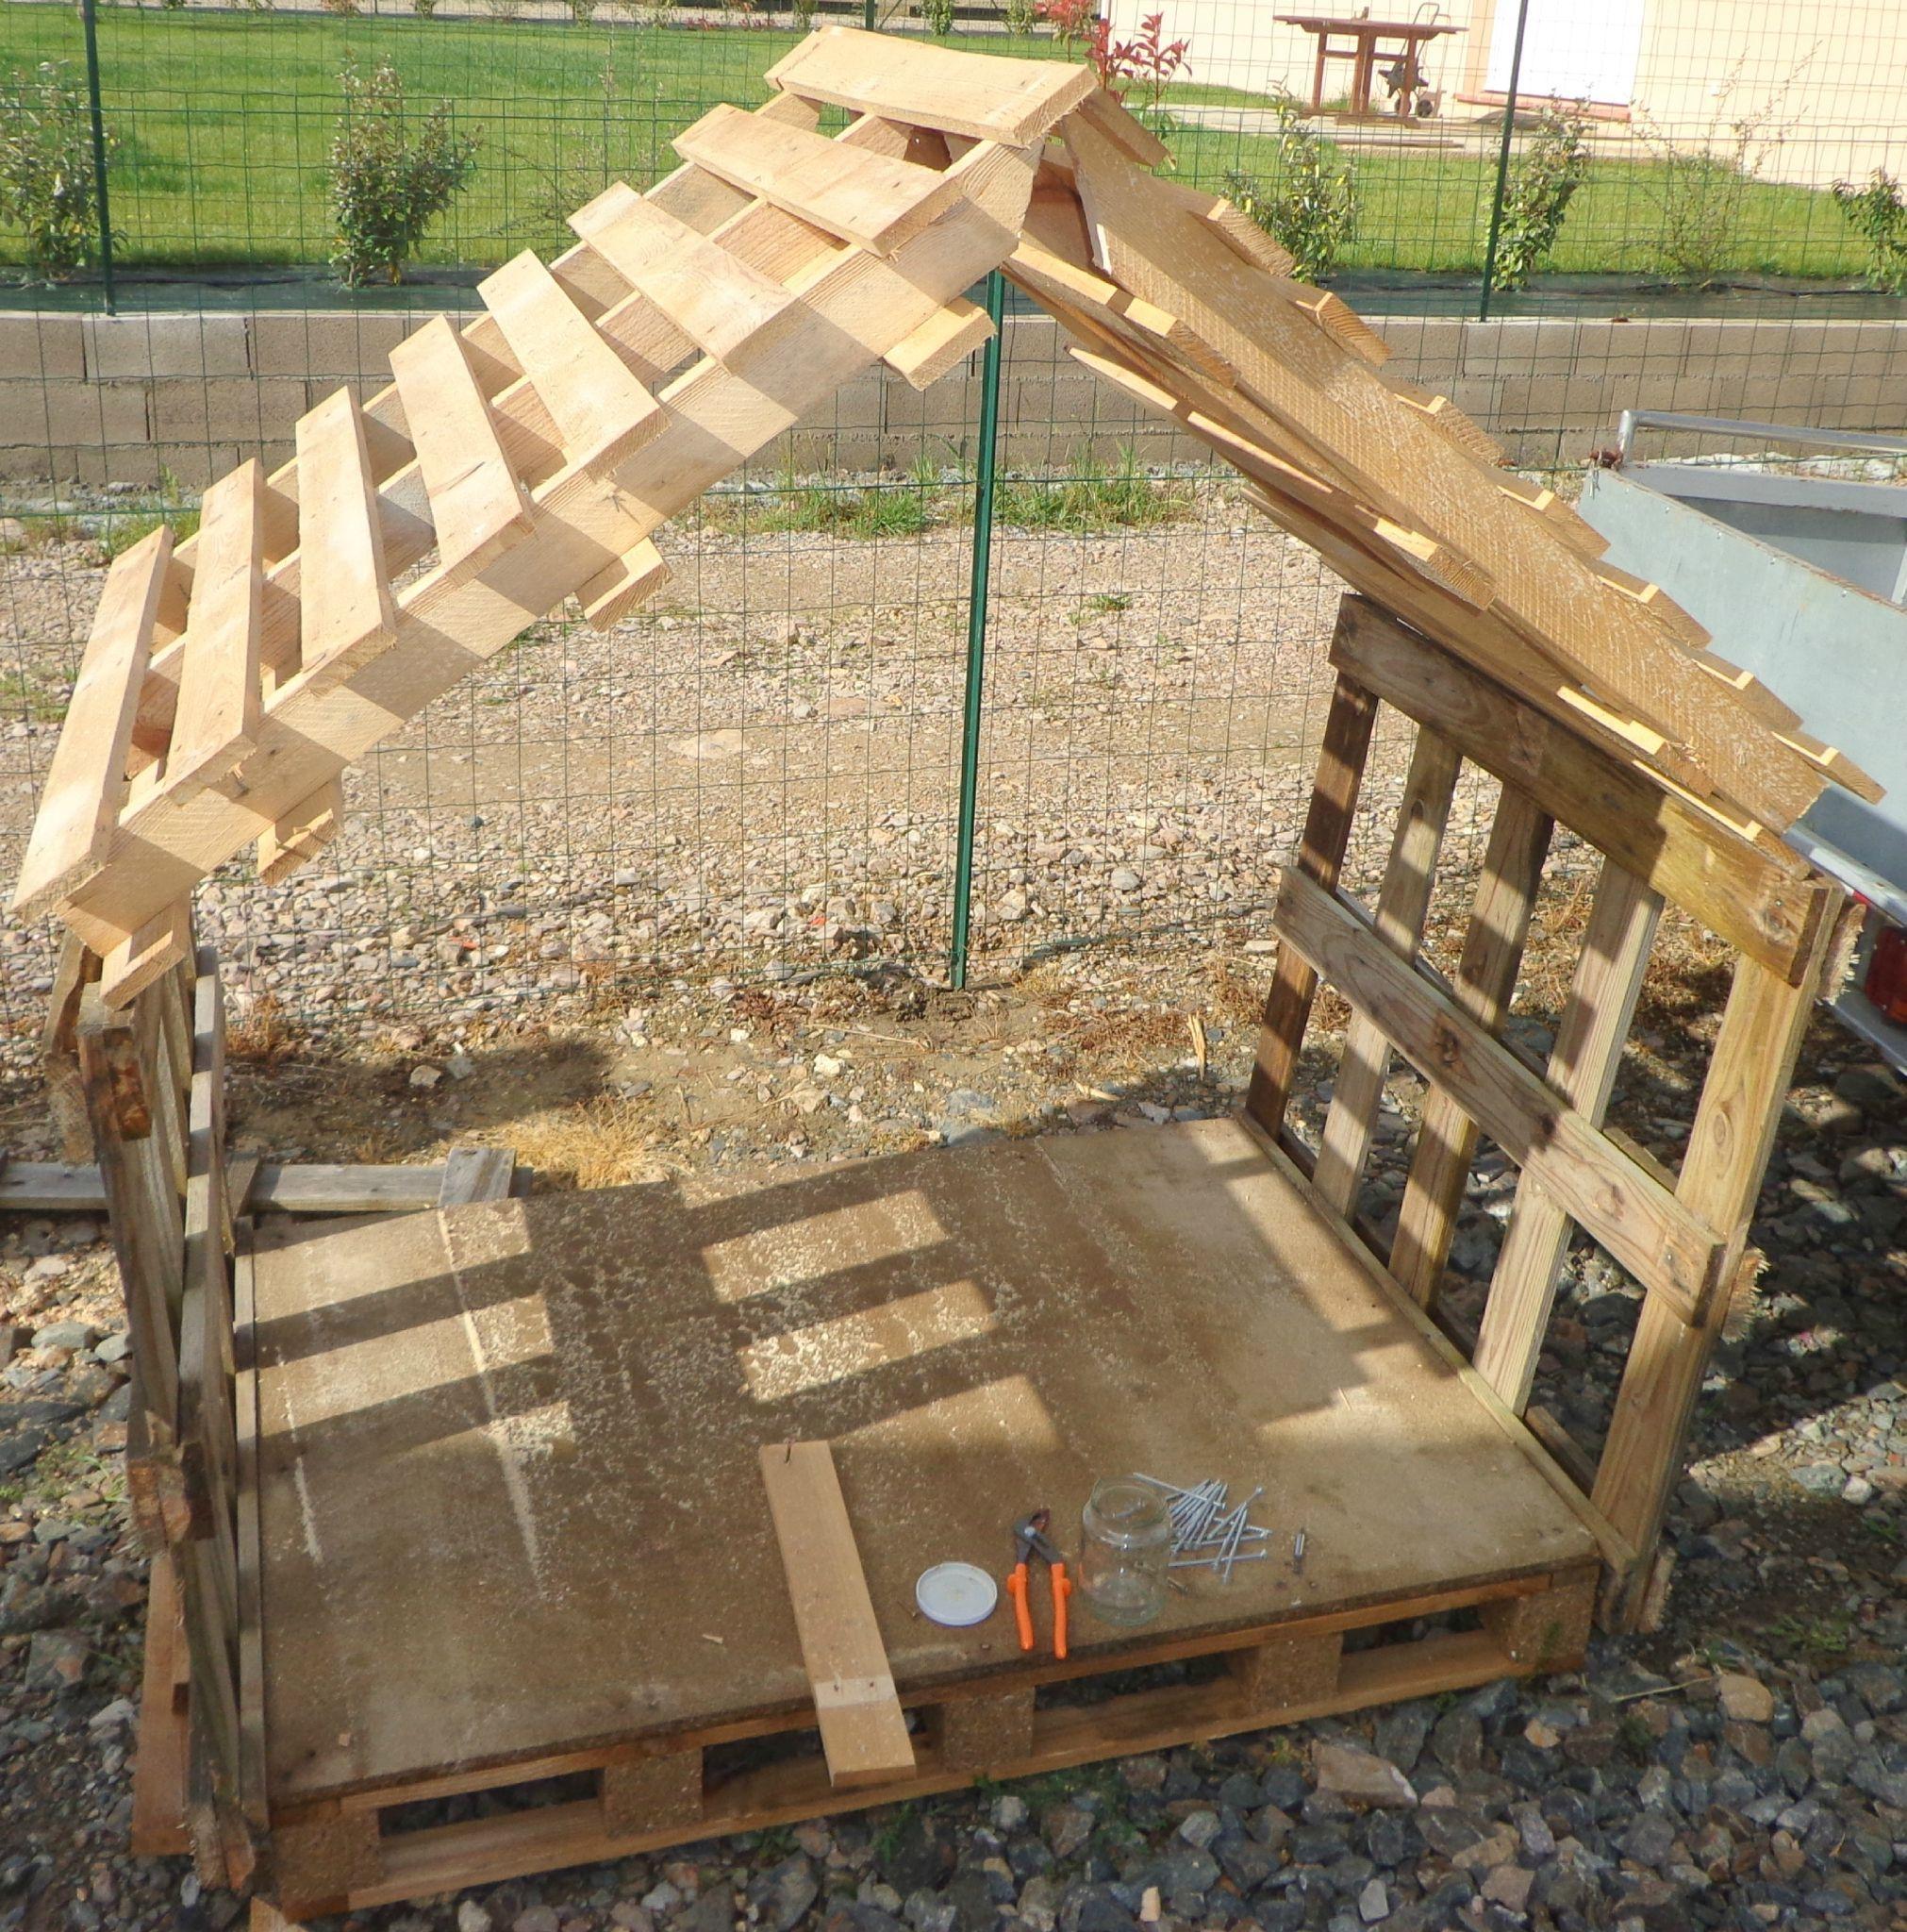 Construire Un Abri De Jardin En Bois Pas Cher, Comment Faire ... encequiconcerne Fabriquer Cabane De Jardin